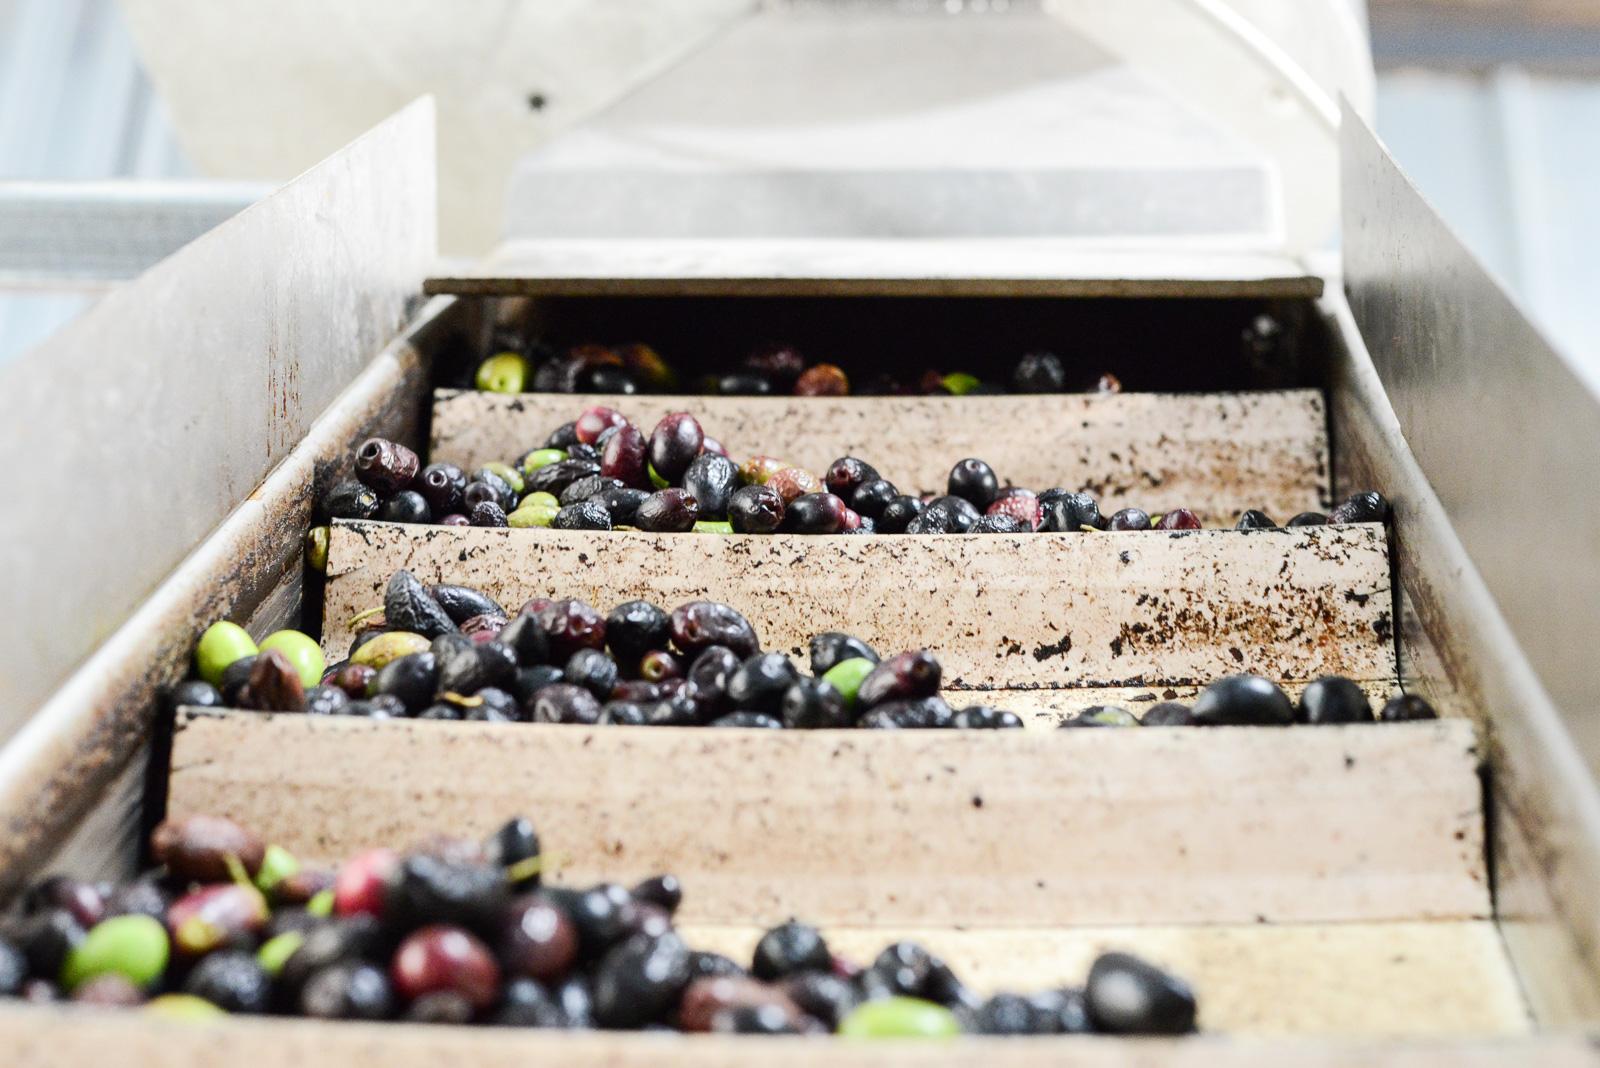 Tapis élévateur pour diriger les olives vers le système de lavage